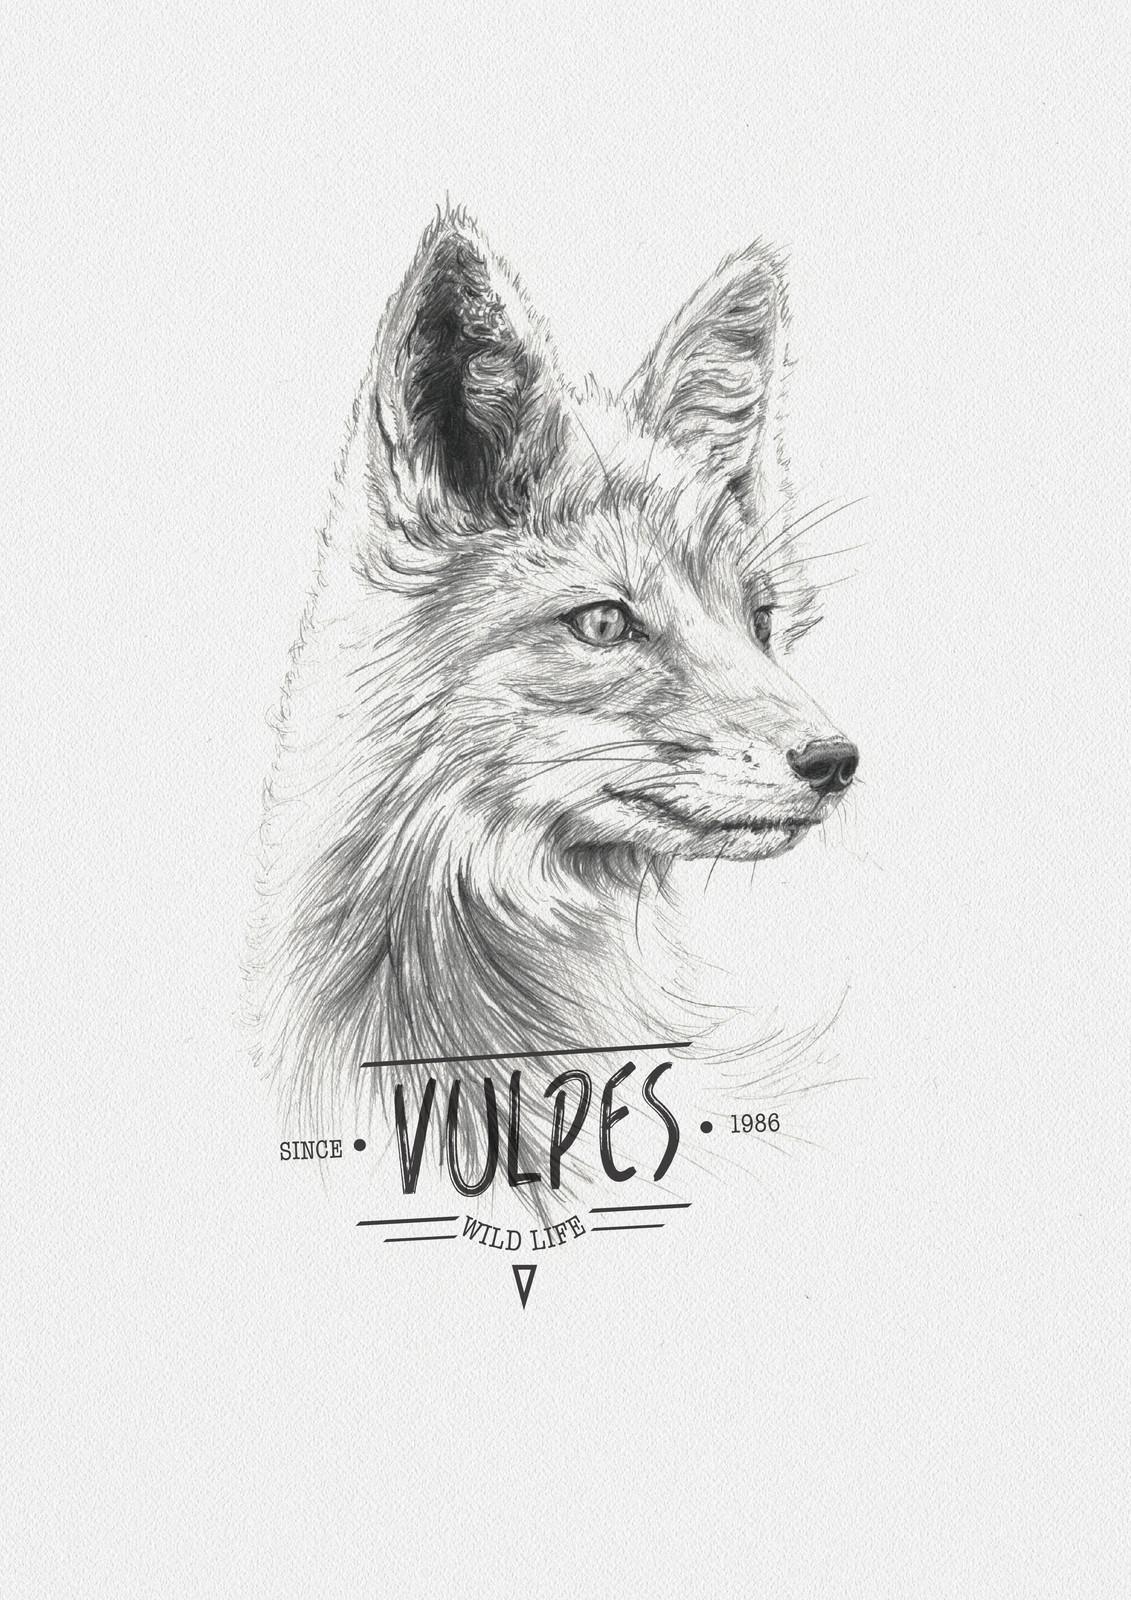 VULPES